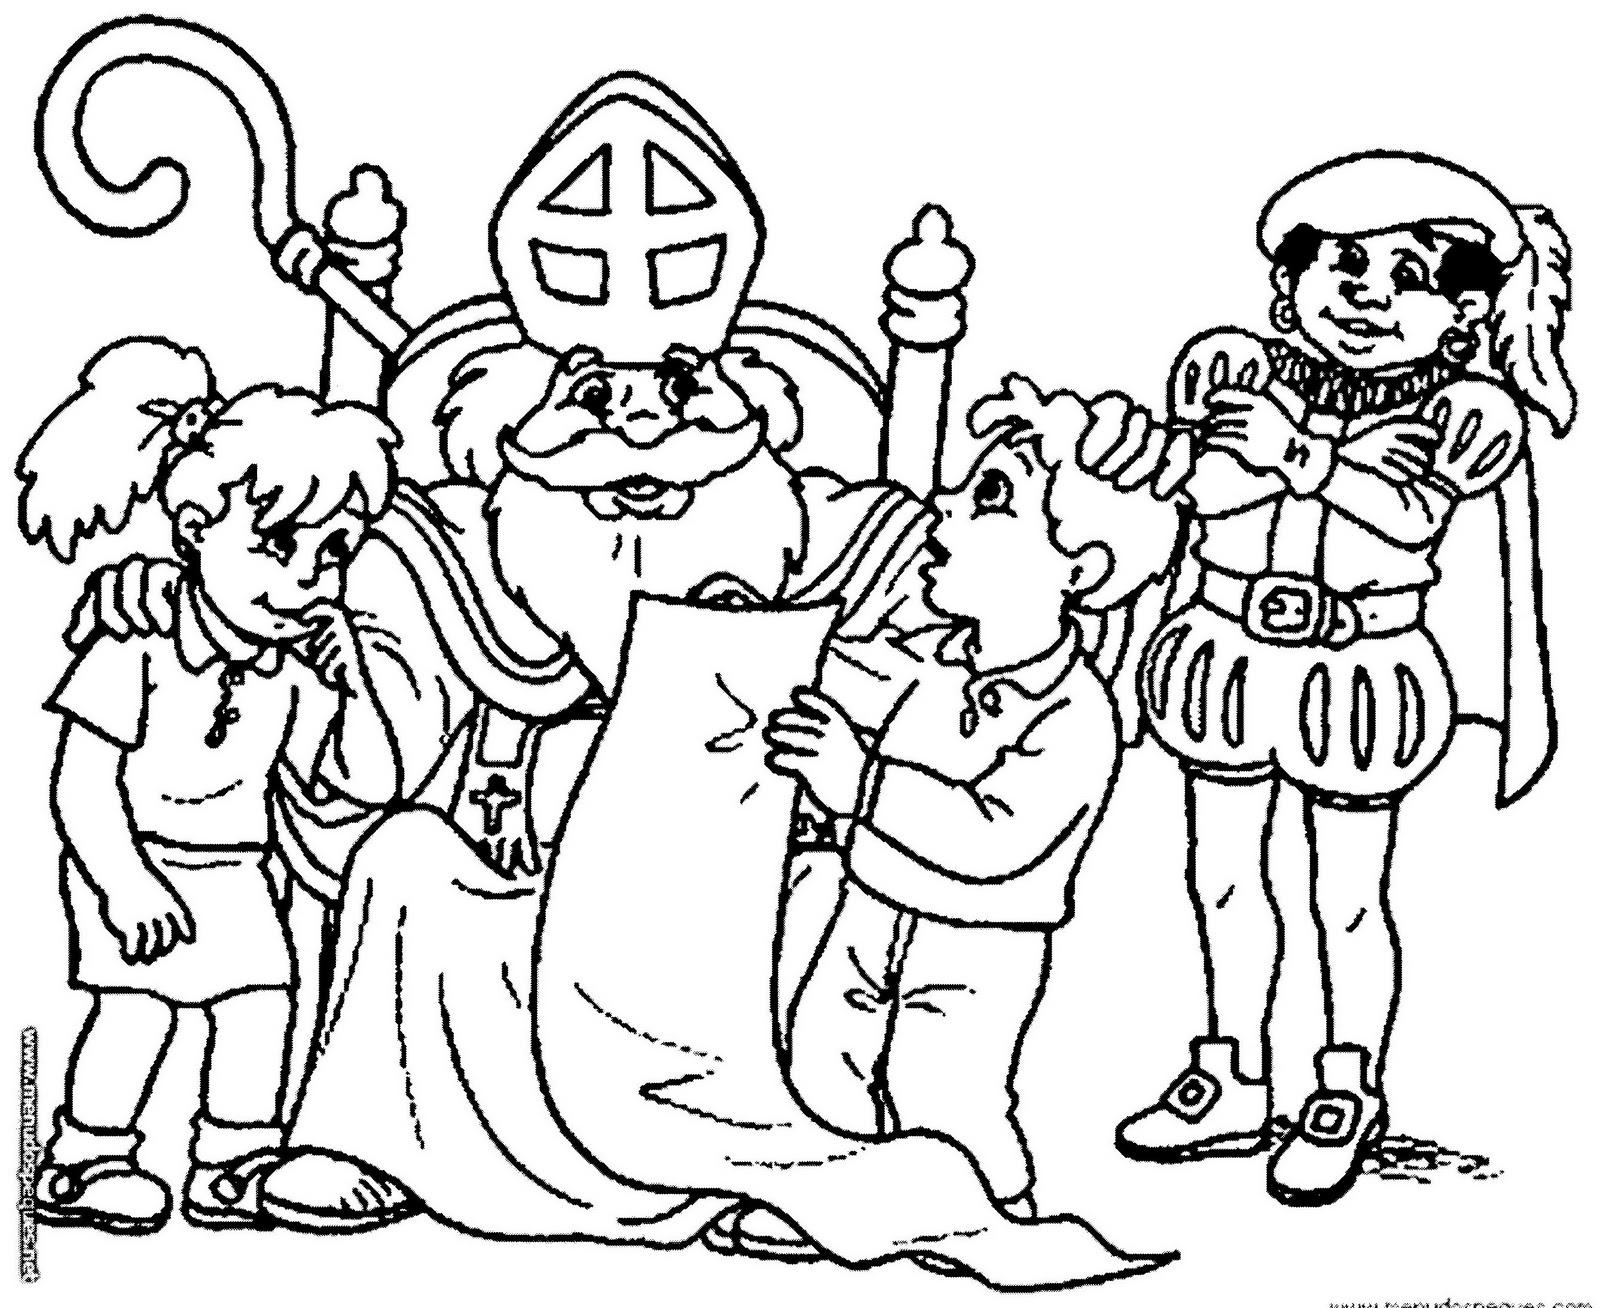 Dibujos De Navidad Del Olentzero.Baul De Navidad San Nicolas Colorear Dibujos